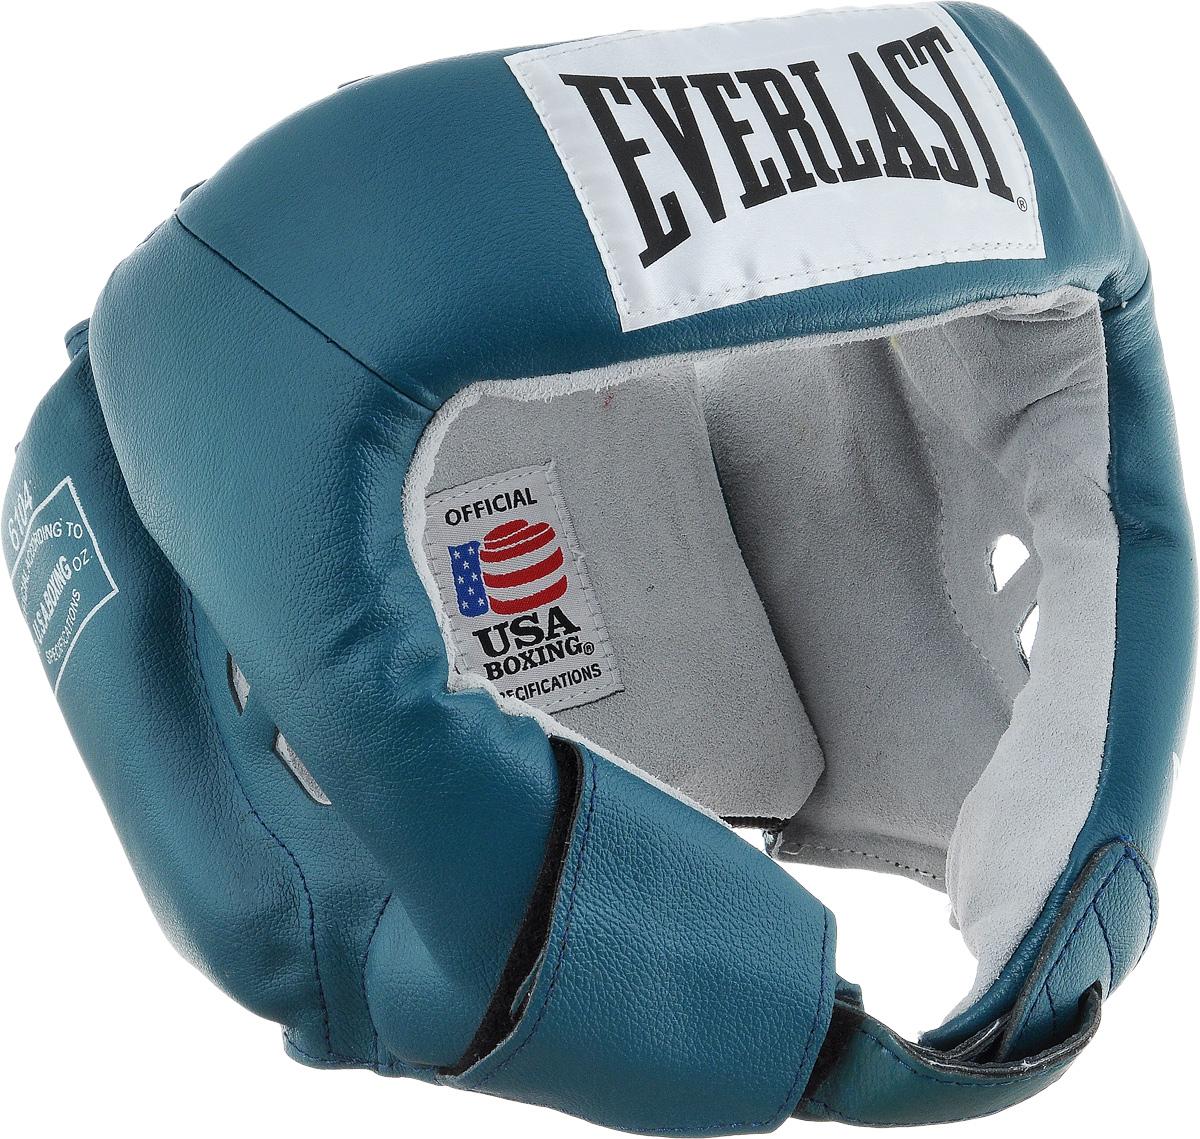 Шлем боксерский Everlast USA Boxing, цвет: бирюзовый, белый. Размер L610400UEverlast USA Boxing - боксерский шлем, разработанный для выступления на любительских соревнованиях и одобренный ассоциацией USA Boxing. Плотный четырехслойный пенный наполнитель превосходно амортизирует удары и значительно снижает риск травмы. Качественная натуральная кожа (снаружи) и не менее качественная замша (внутри) обеспечивают значительный запас прочности и отличную износоустойчивость. Подгонка под необходимый размер и фиксация на голове происходят за счет затягивающихся шнурков.Если вы еще ищите шлем для предстоящих соревнований, то Everlast USA Boxing - это ваш выбор!Диаметр головы: 18 см.